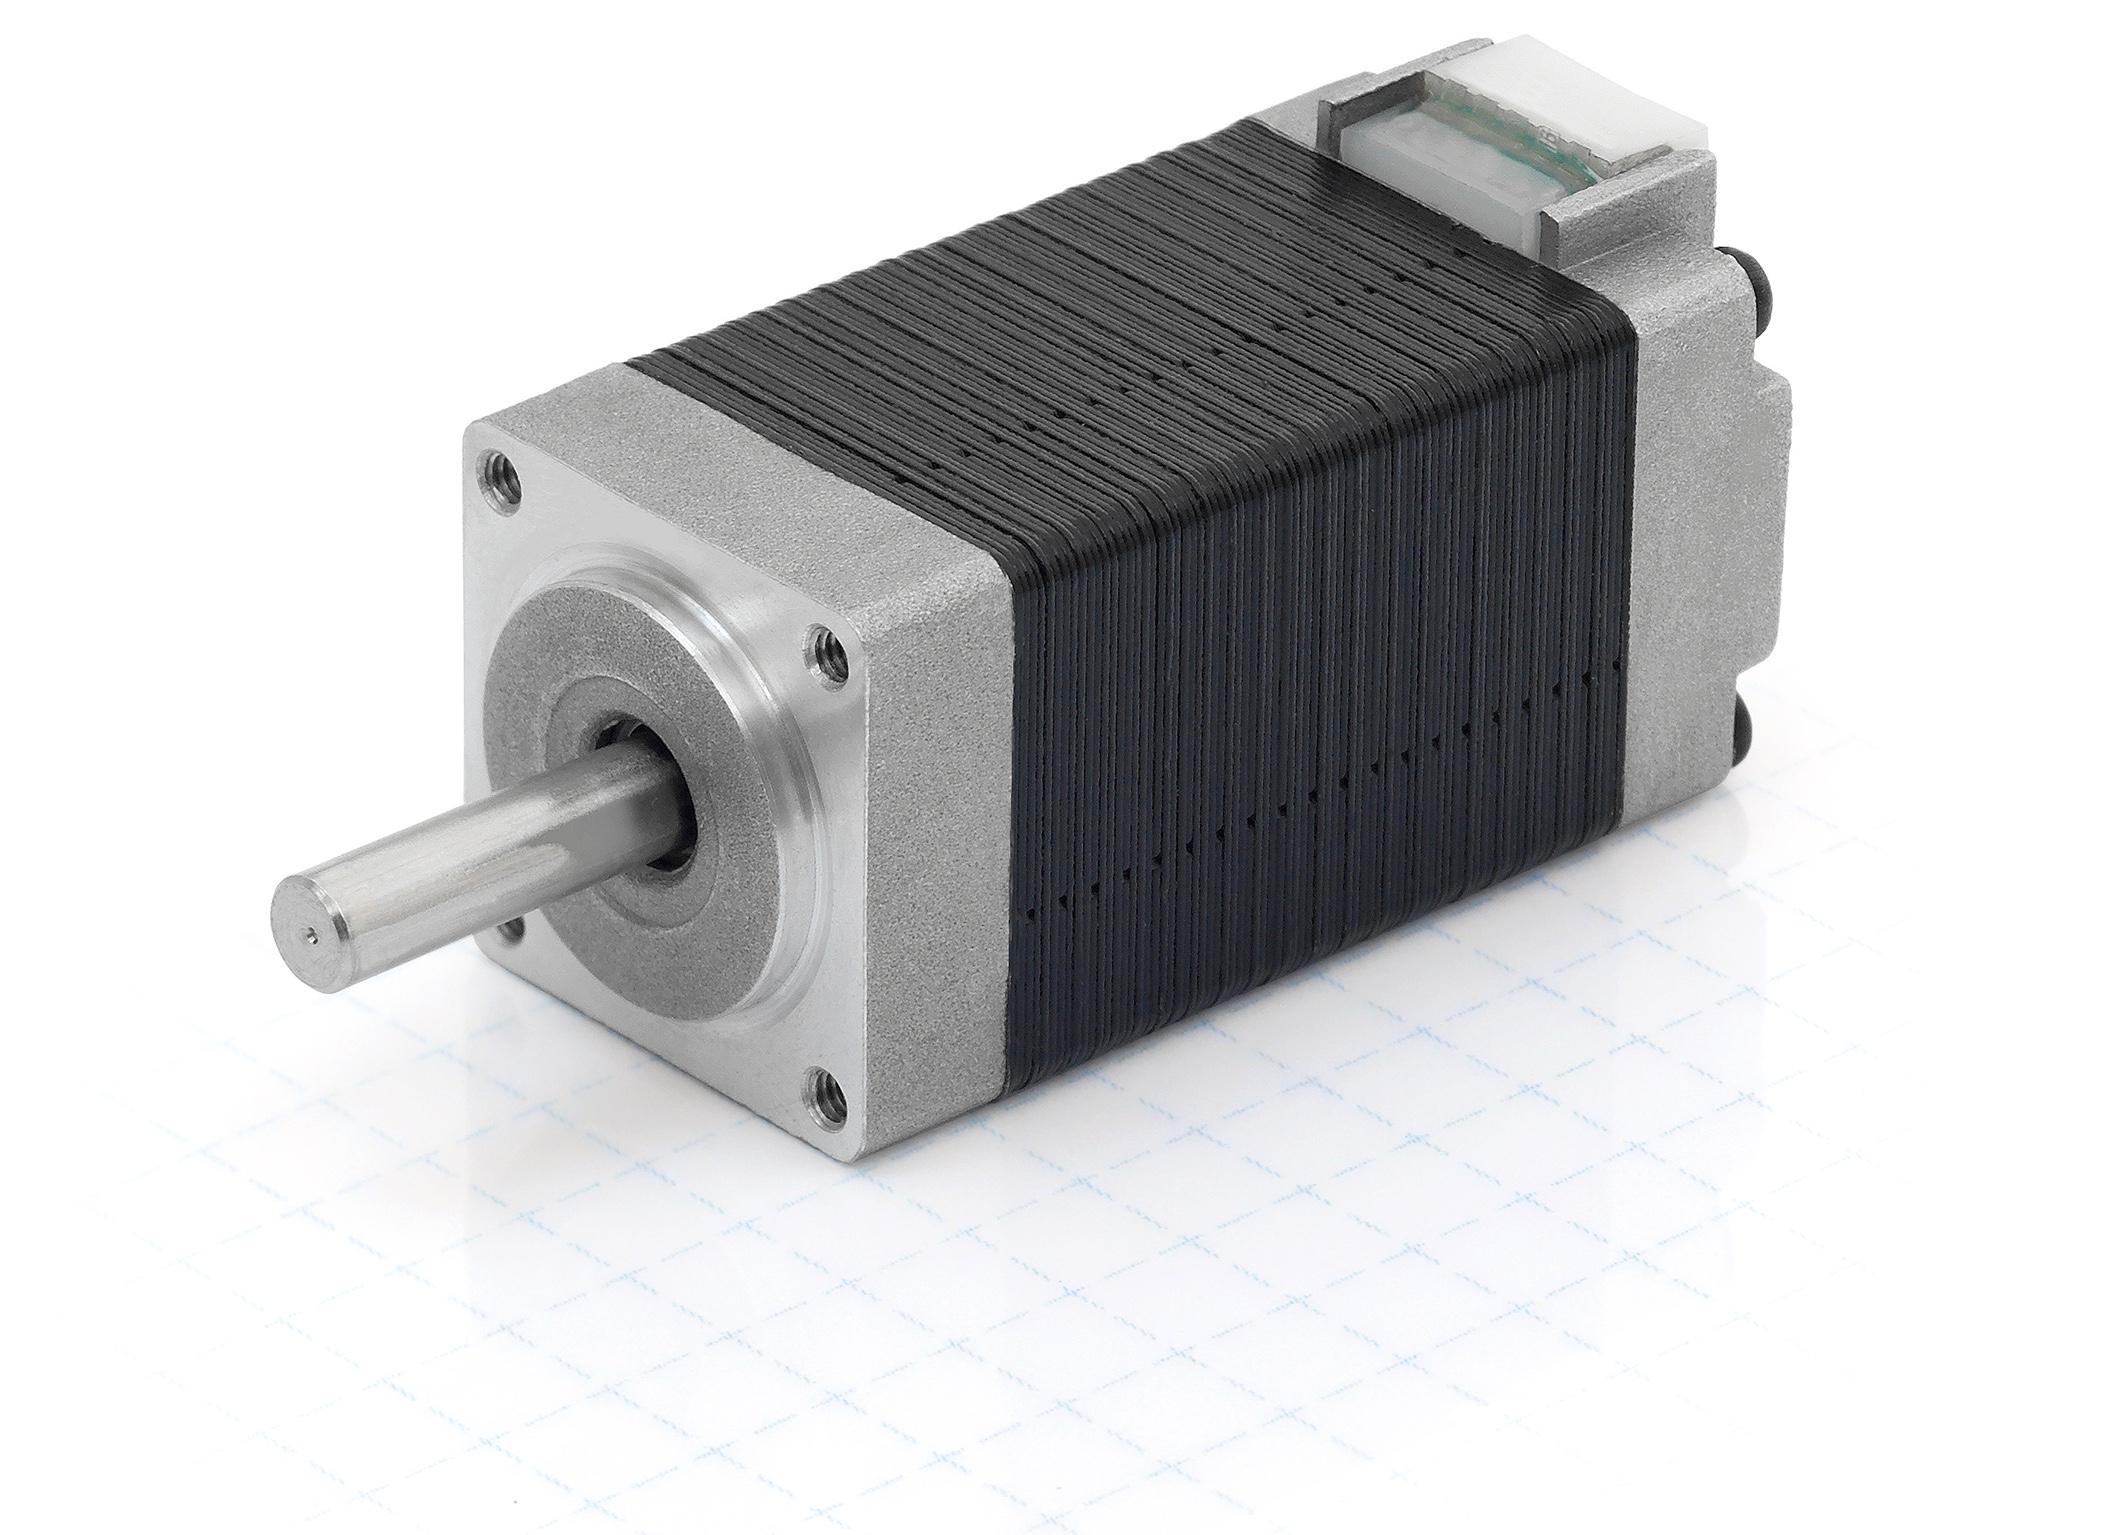 Nanotec ST4018L1804-A Nema17 Schrittmotor Stepmotor CNC